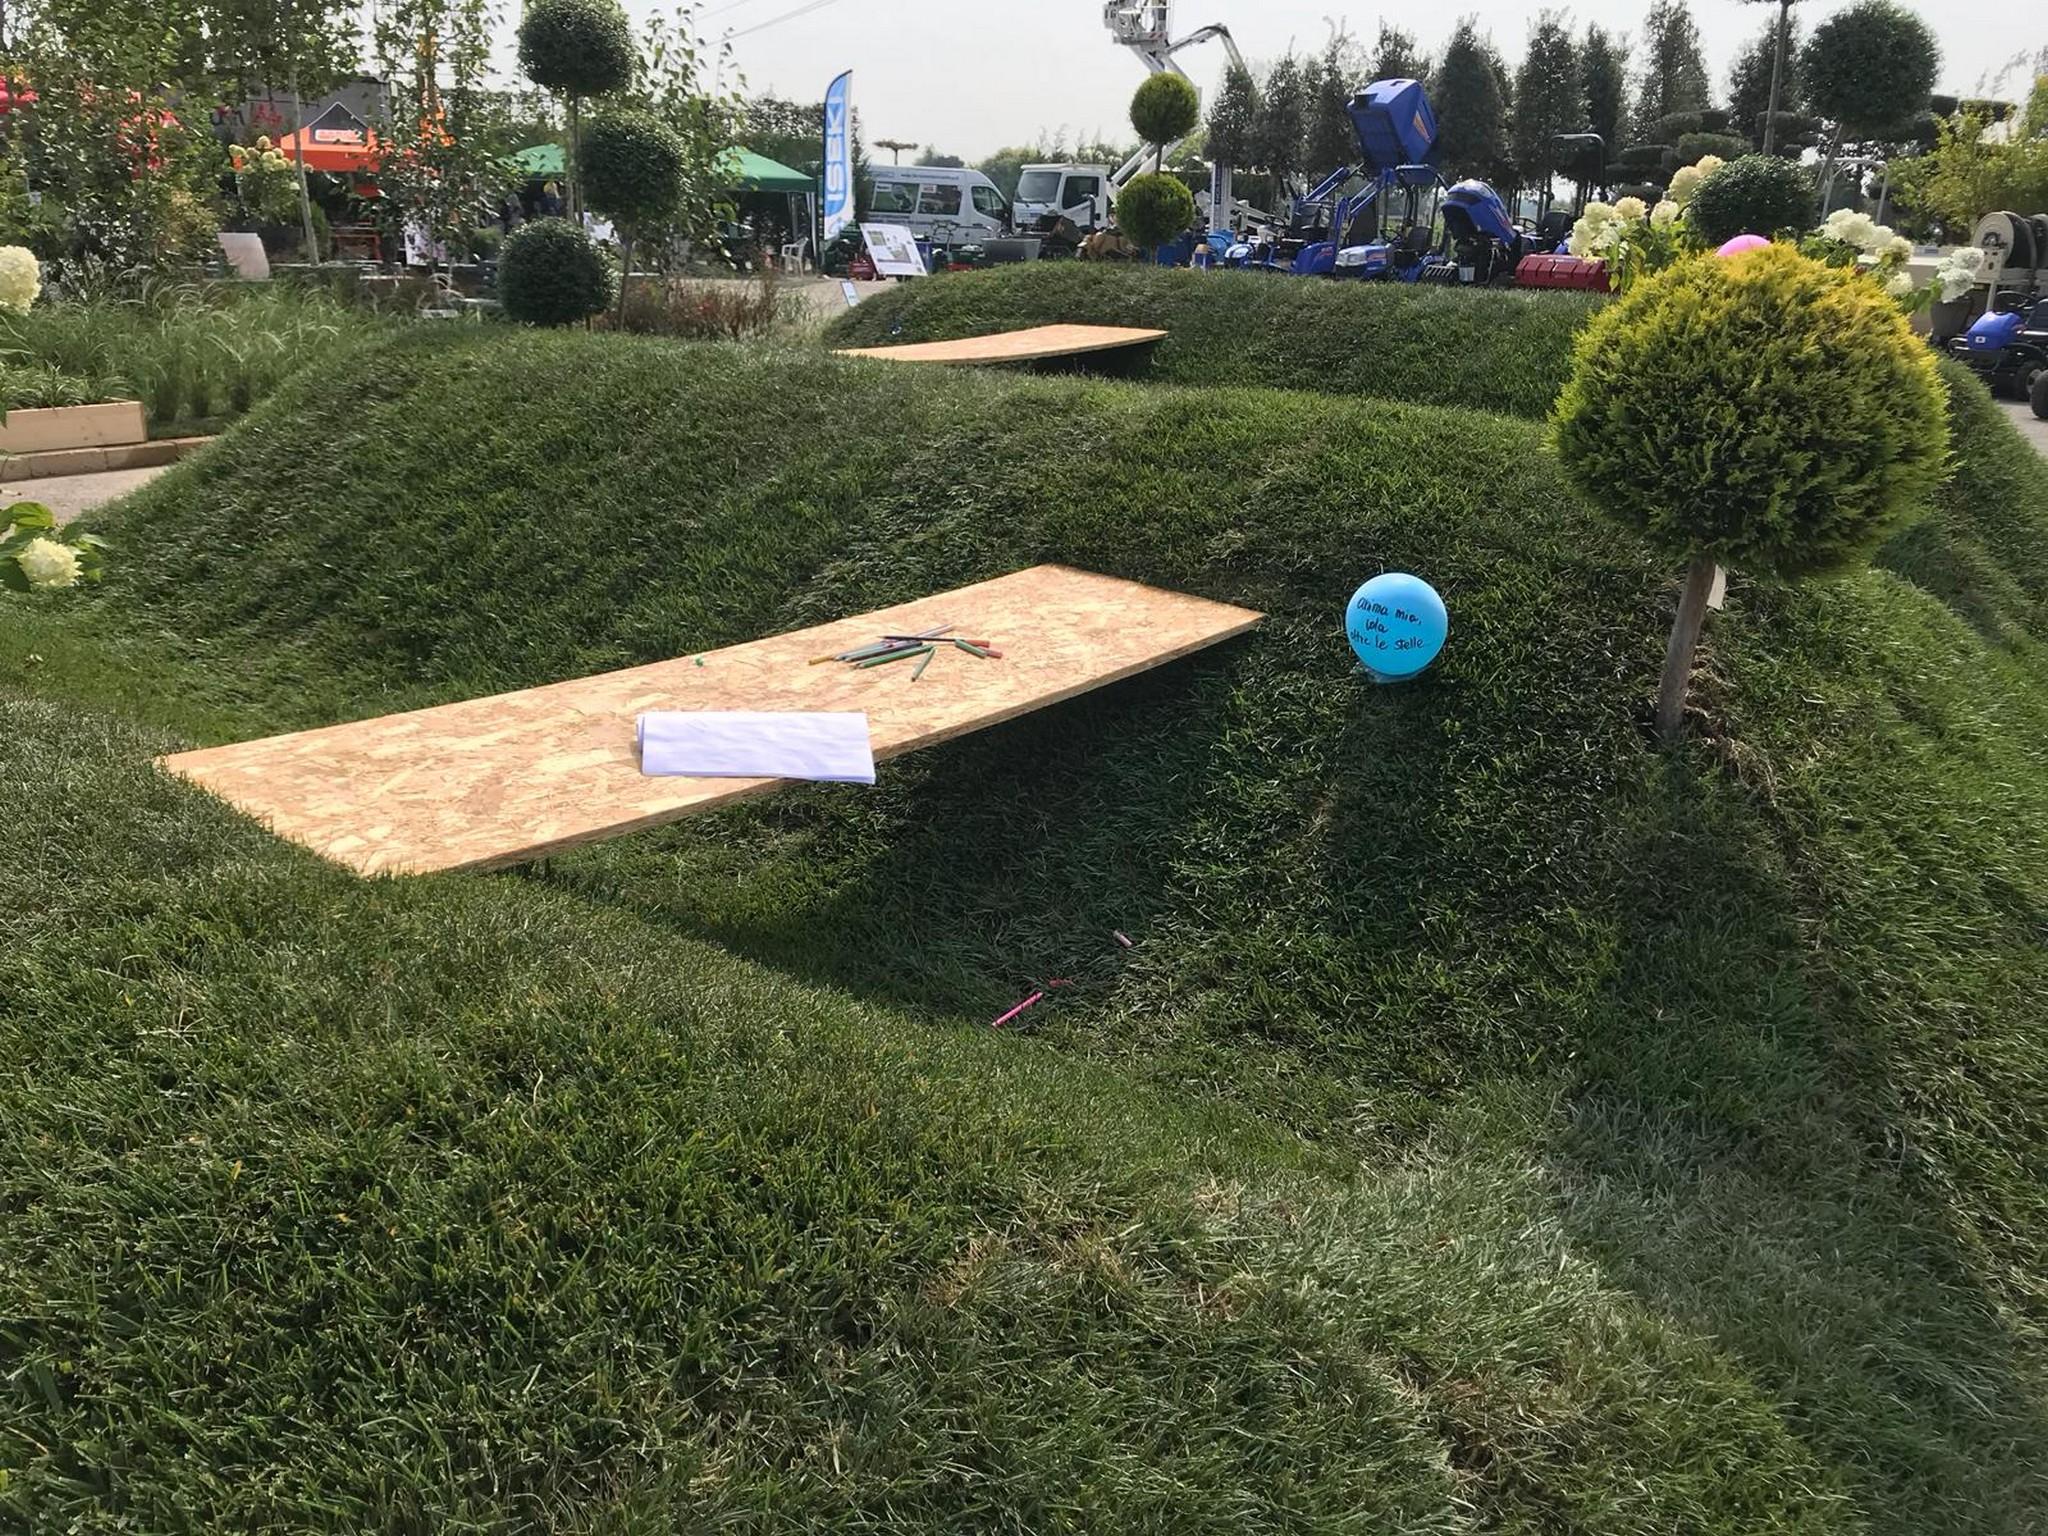 Concorso giardini Verdeggiando_161 In Onda (D79LE) D'Errico Loreta